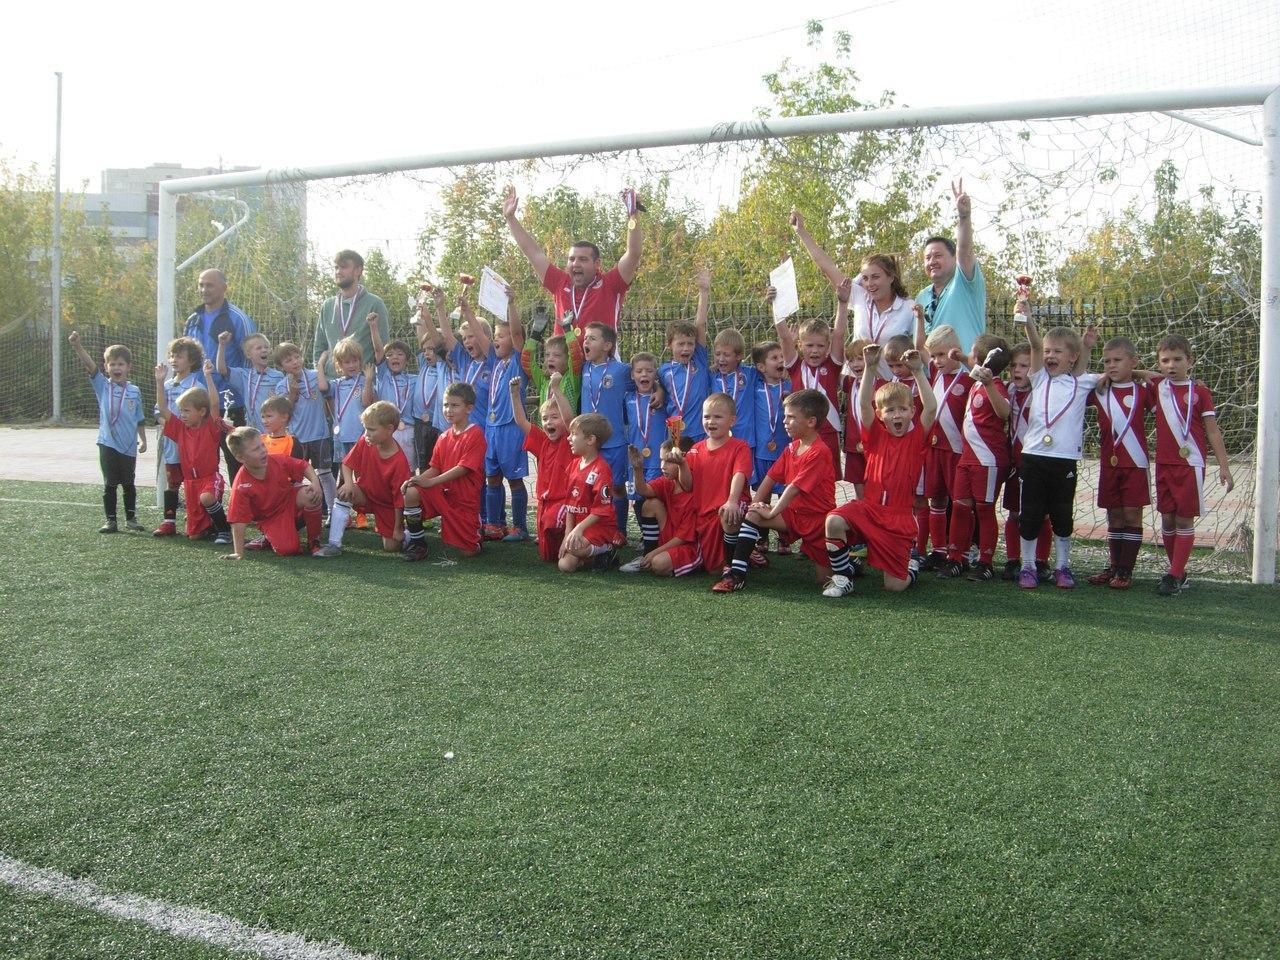 В Подольске пройдёт турнир по футболу «Весенний Кубок Подольска-2018» среди детских команд 2005 г.р.